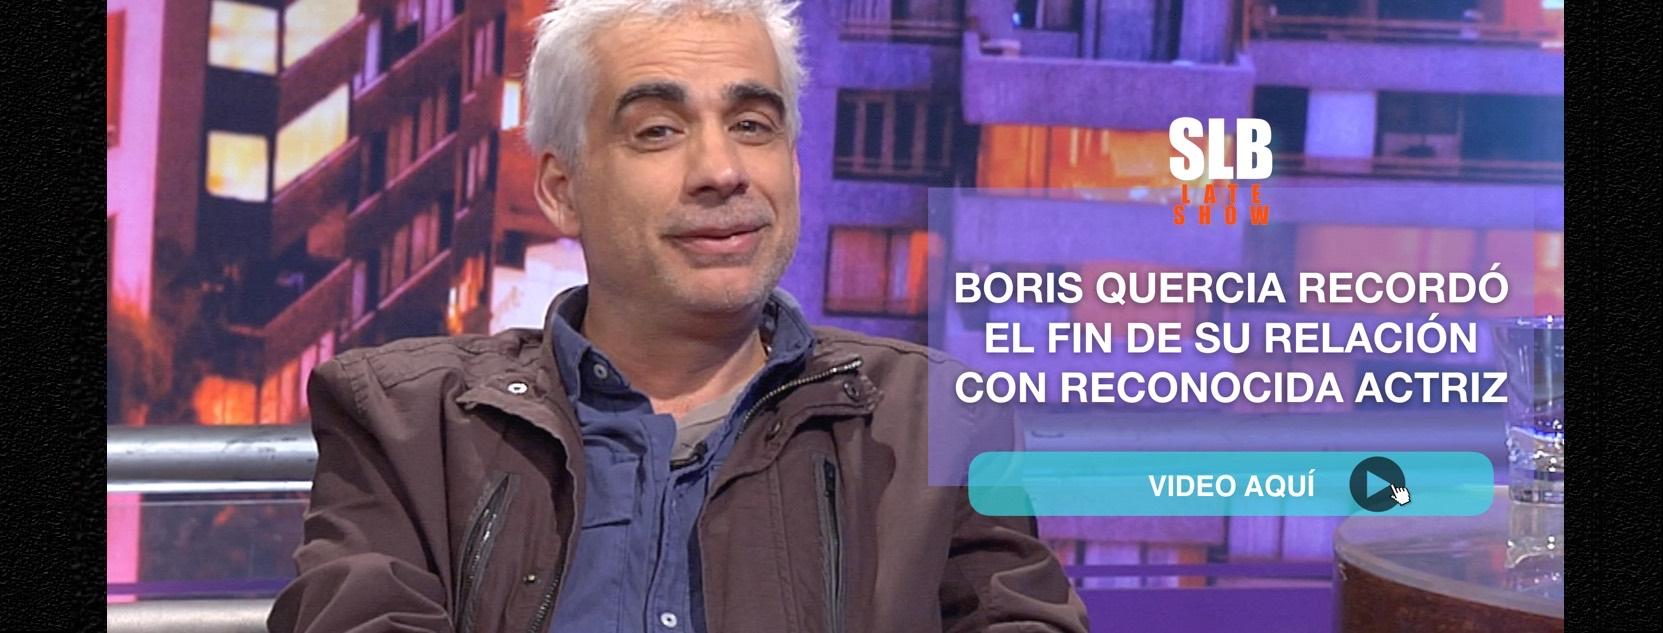 Boris-Quercia-home